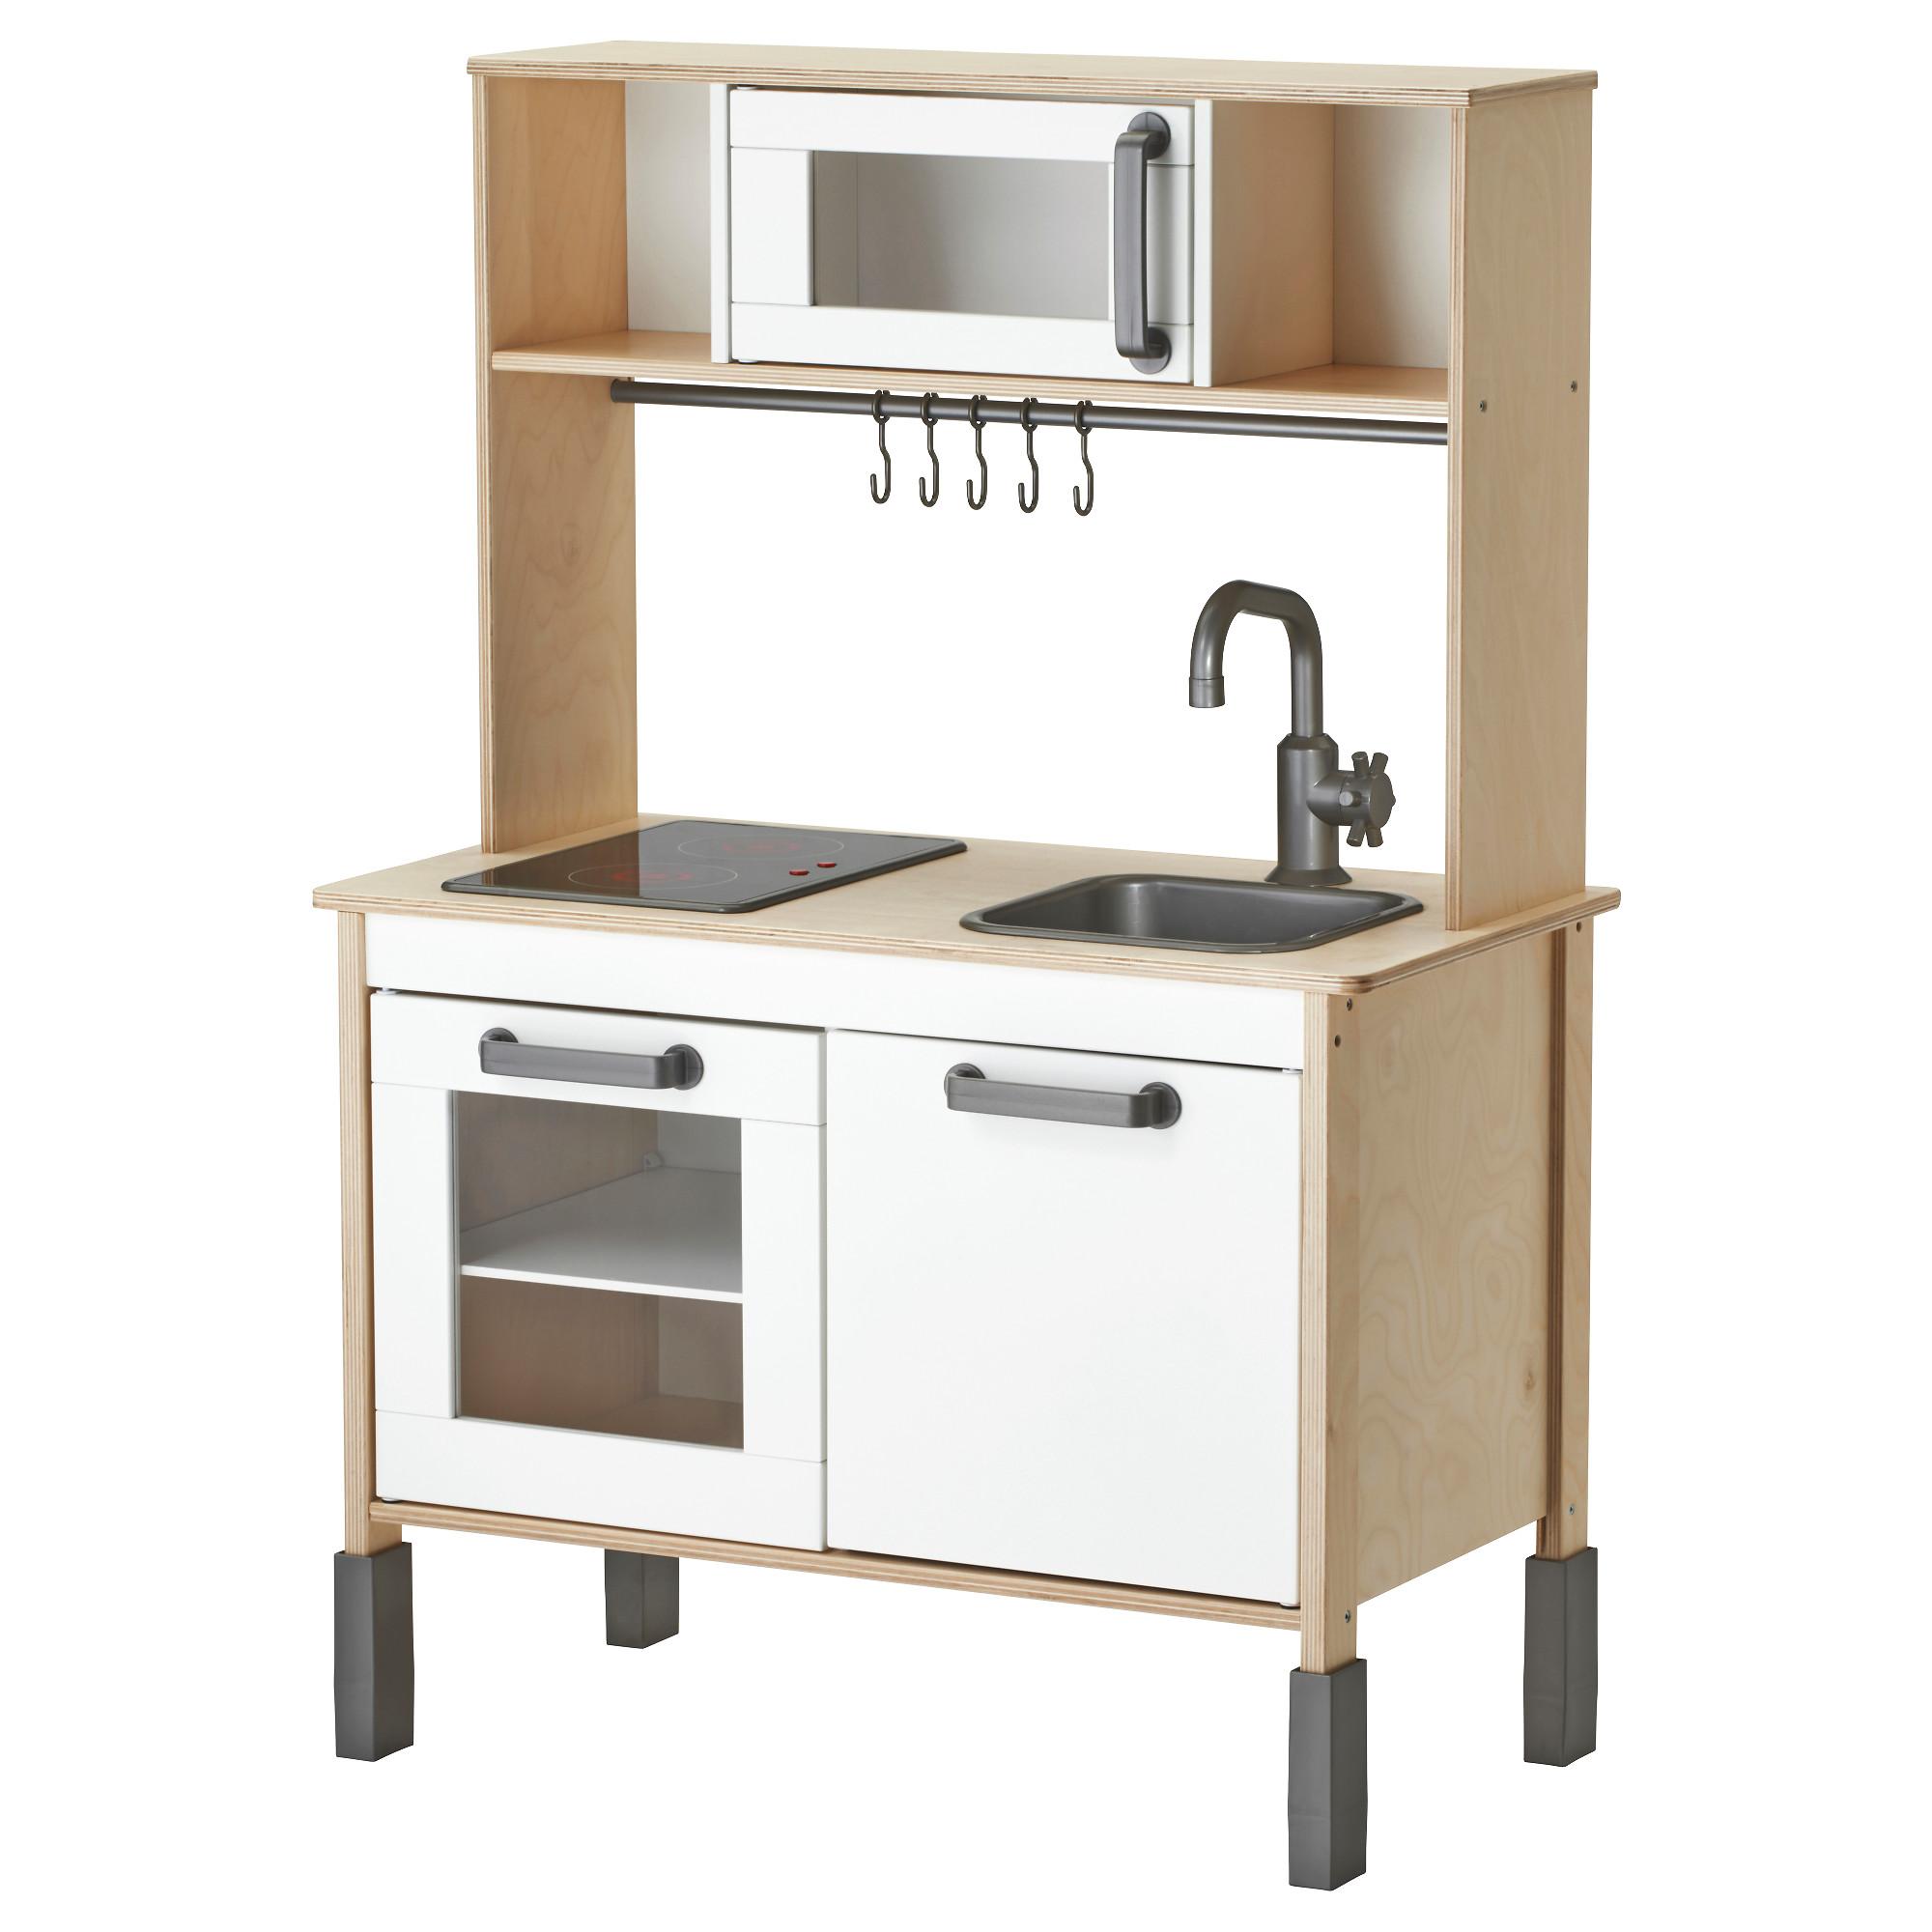 Ikea Keuken Elisejoanne.nl  - Cadeautjes van Fos! Tips voor een verlanglijstje voor een kindje van twee!